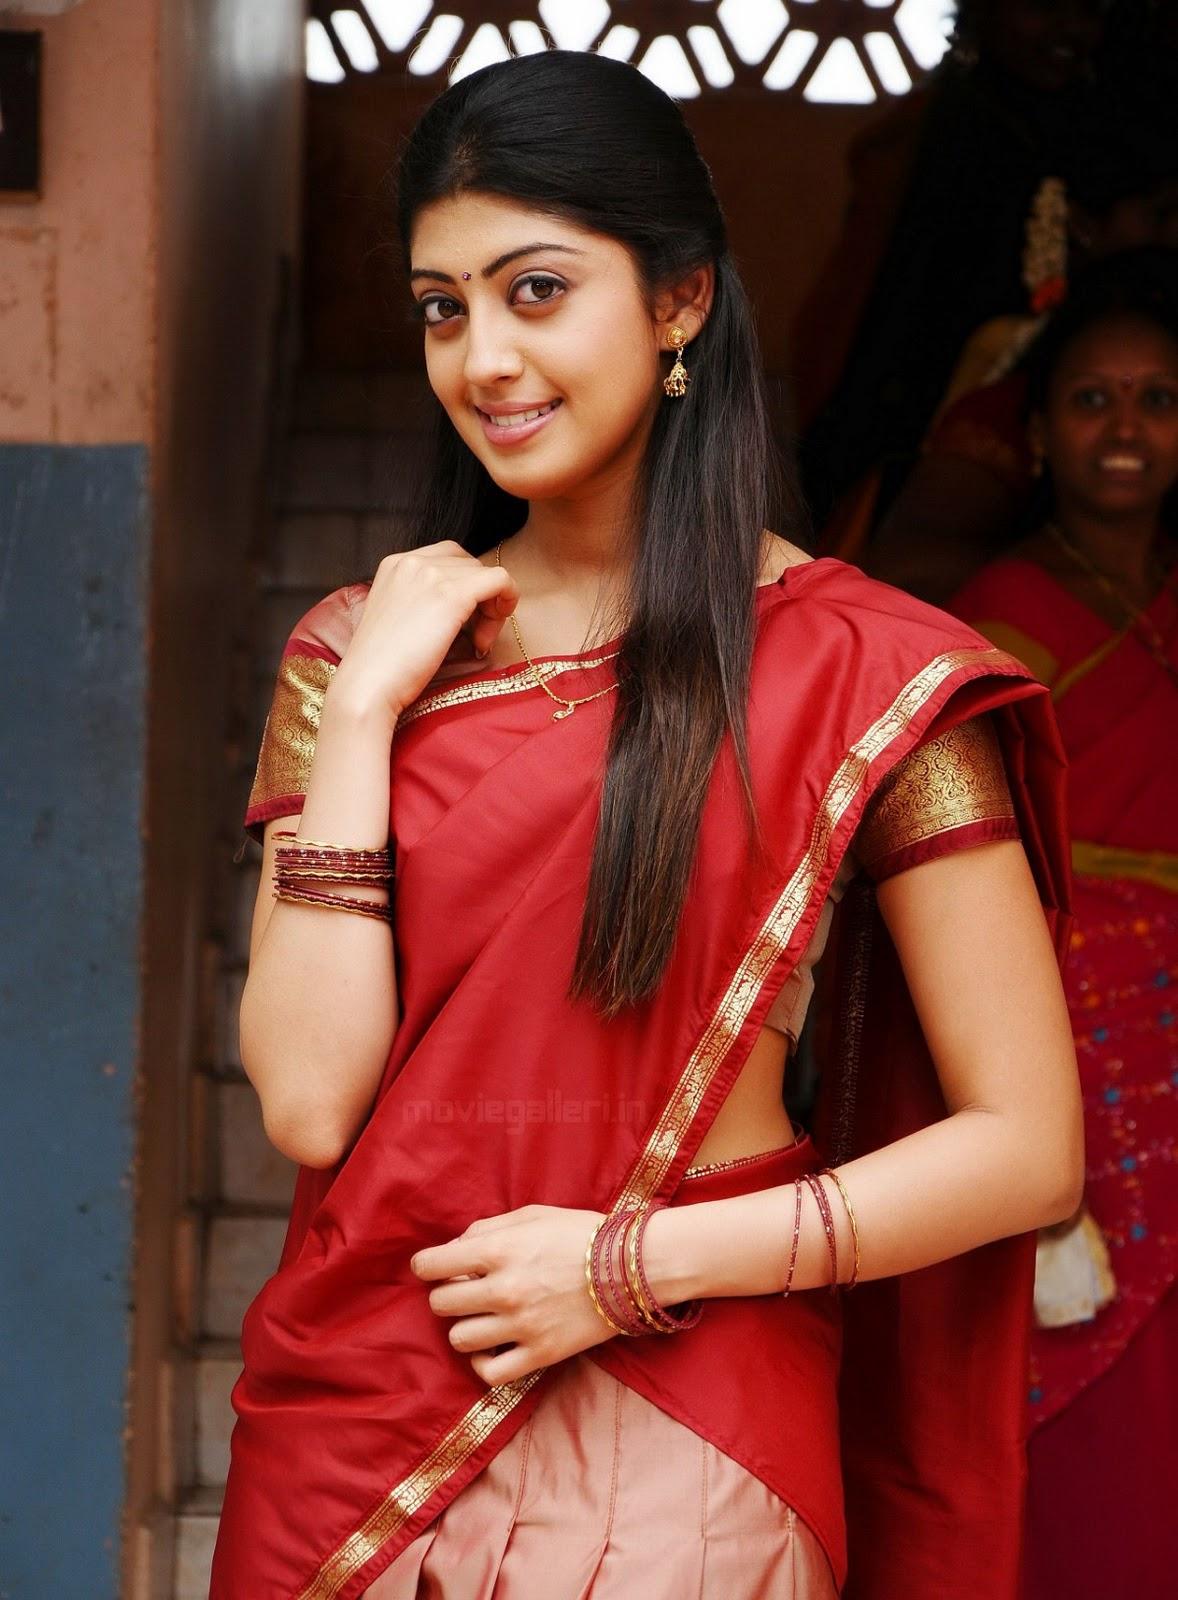 http://2.bp.blogspot.com/-EIrCyfvHEaQ/TiUoUAUX1xI/AAAAAAAAAGI/KSP4yXYEN9A/s1600/actress_pranitha_red_saree_stills_03.jpg